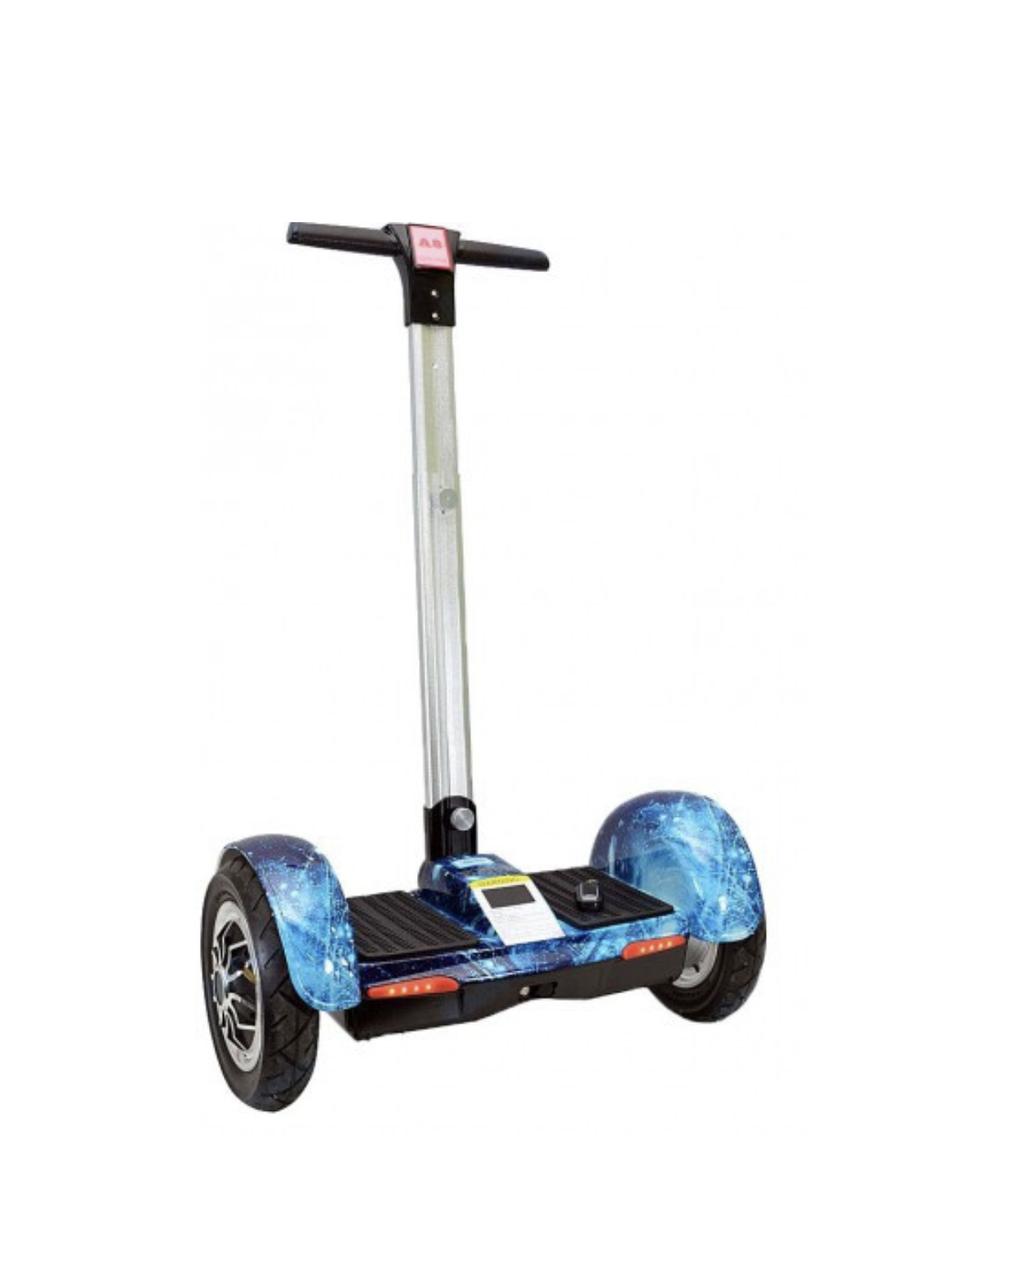 Гироскутер мини-сигвеи гіроскутер сігвей сигвей Smart Balance А8 Космос синий